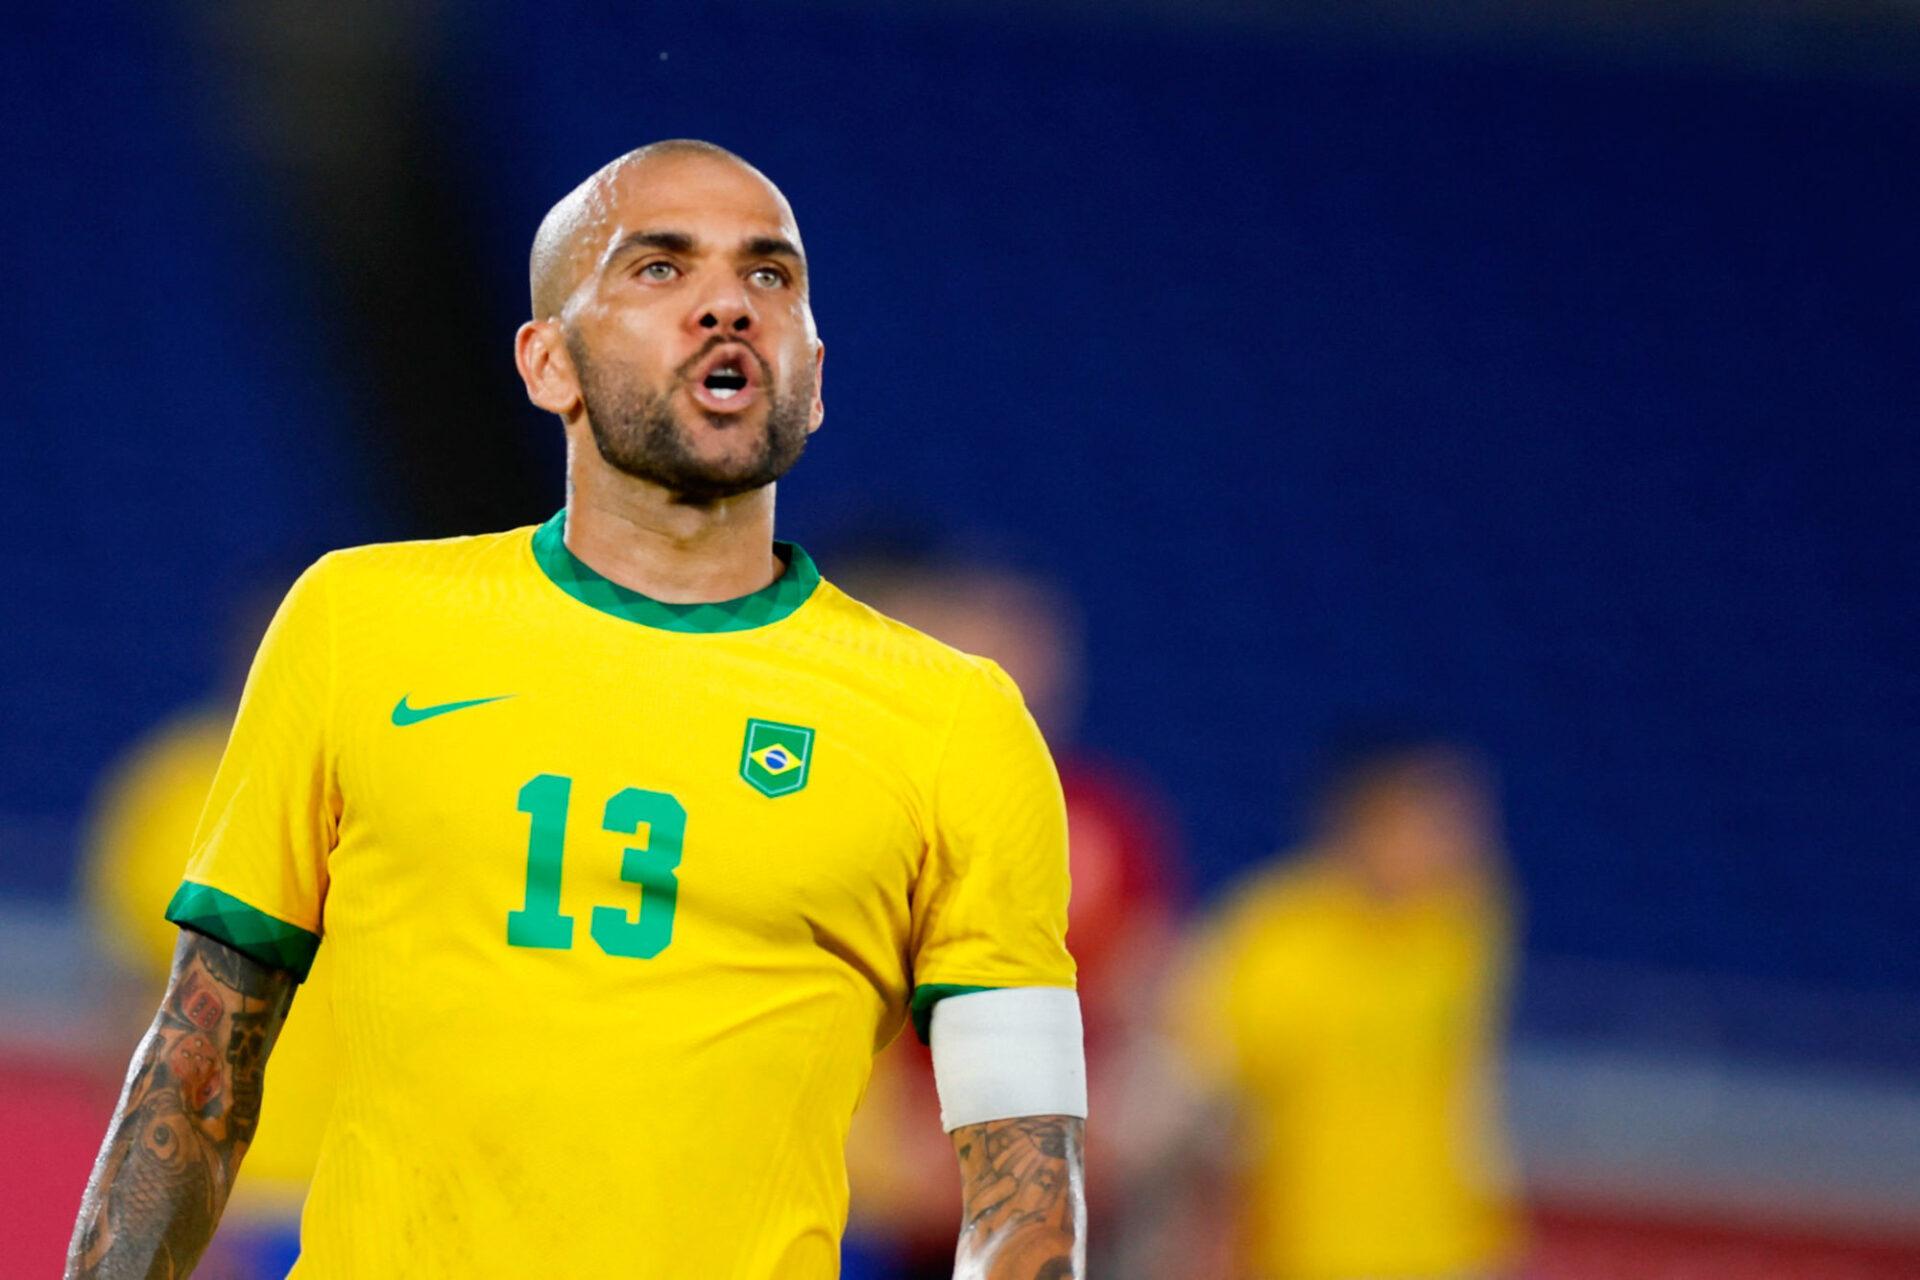 A 38 ans, Dani Alves est encore performant, comme il l'a montré aux Jeux Olympiques cet été, qu'il a remportés avec le Brésil. Icon Sport